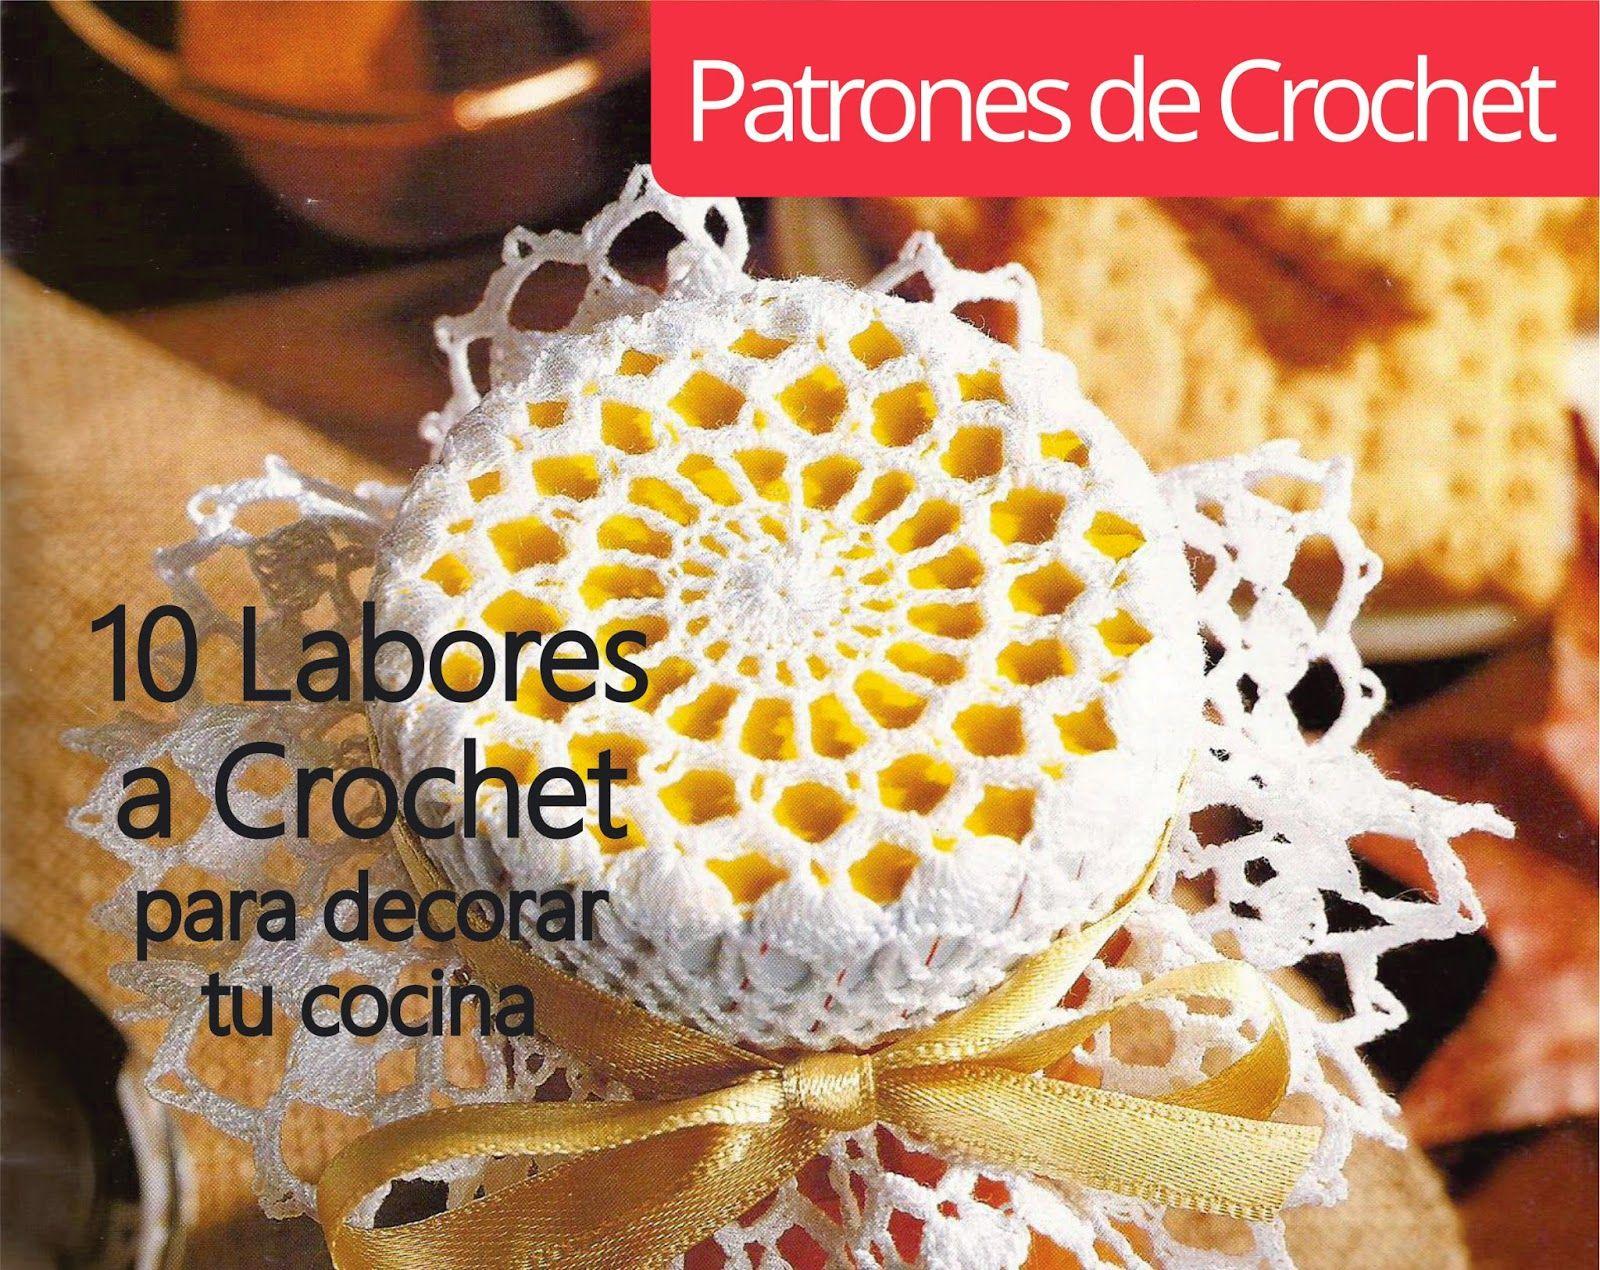 10 Labores a Crochet para adornar tu cocina ~ Patrones de Crochet ...